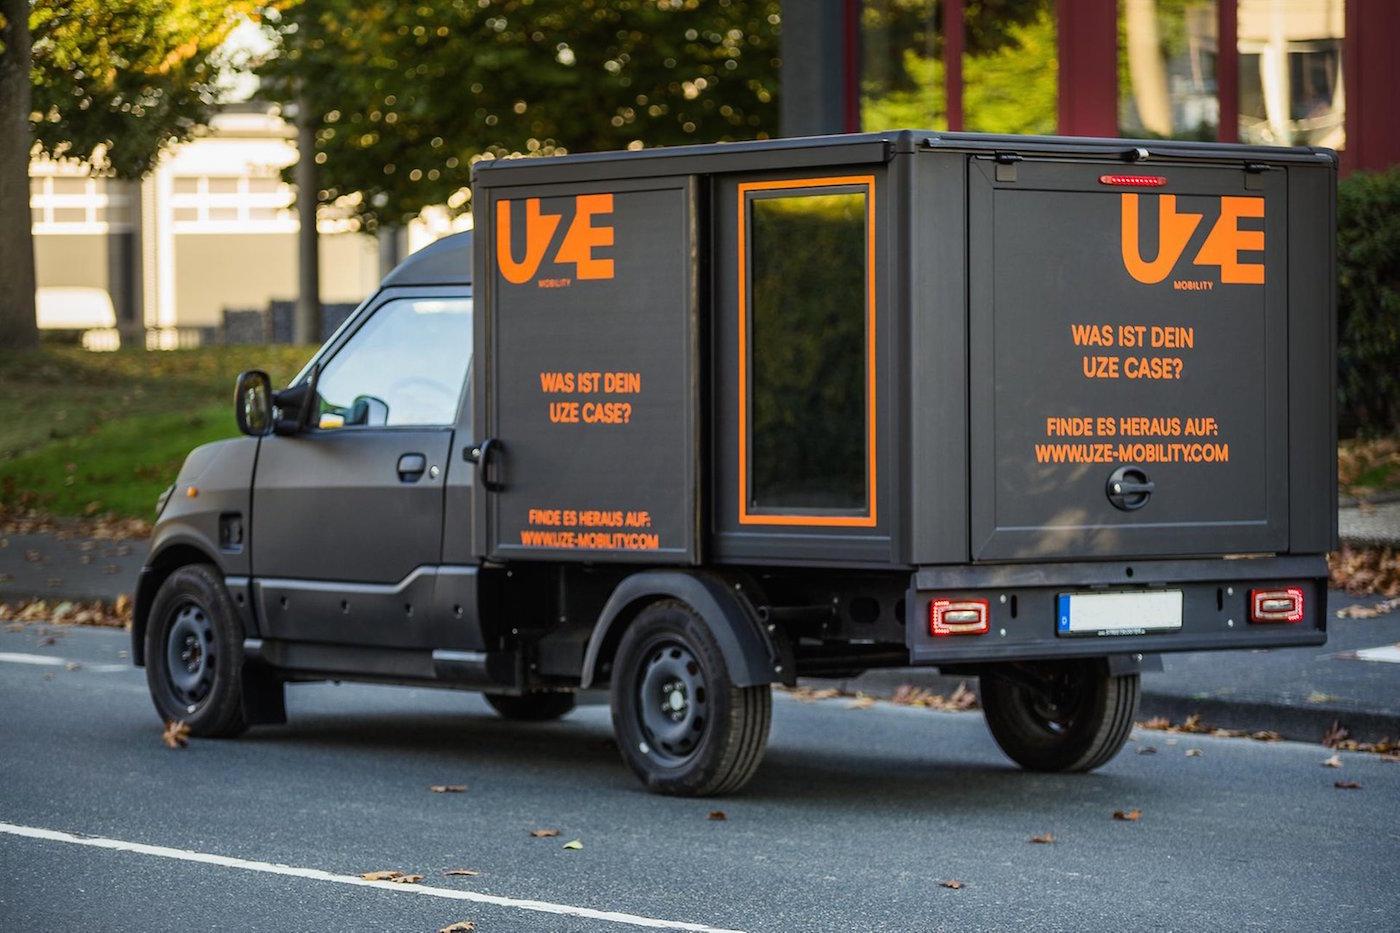 Německý startup UZE nabízí bezplatnou půjčovnu elektrických dodávek